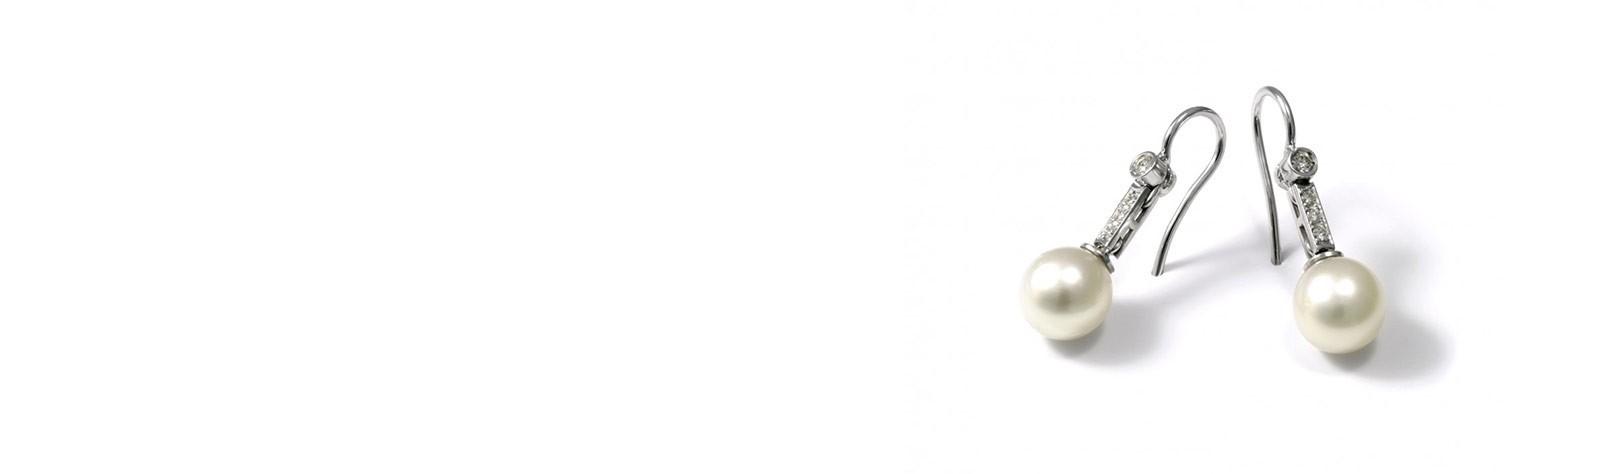 Compra Online Pendientes de Compromiso de Oro